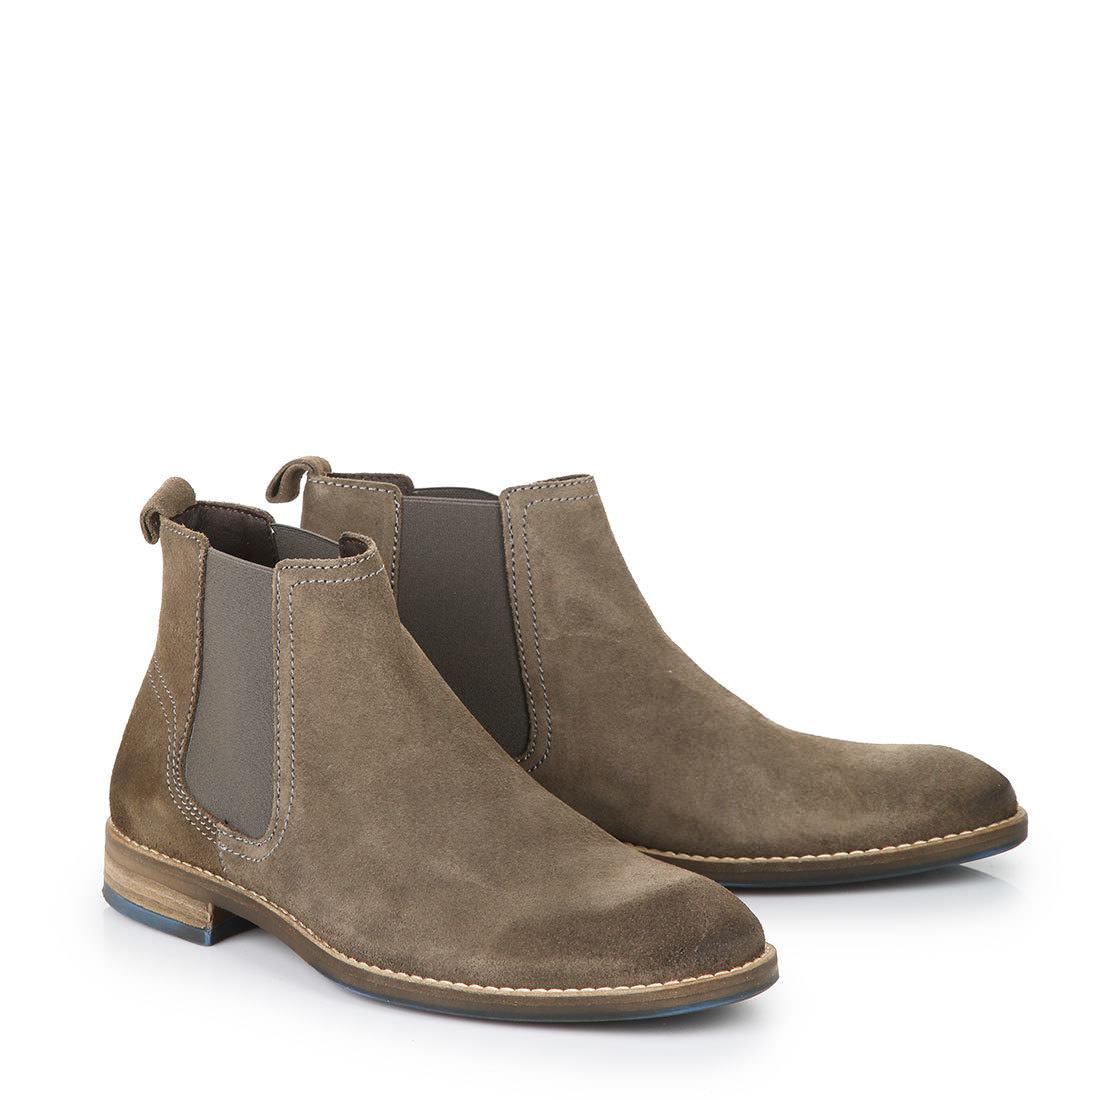 buffalo men s chelsea boots in grey buy online in buffalo online shop buffalo. Black Bedroom Furniture Sets. Home Design Ideas